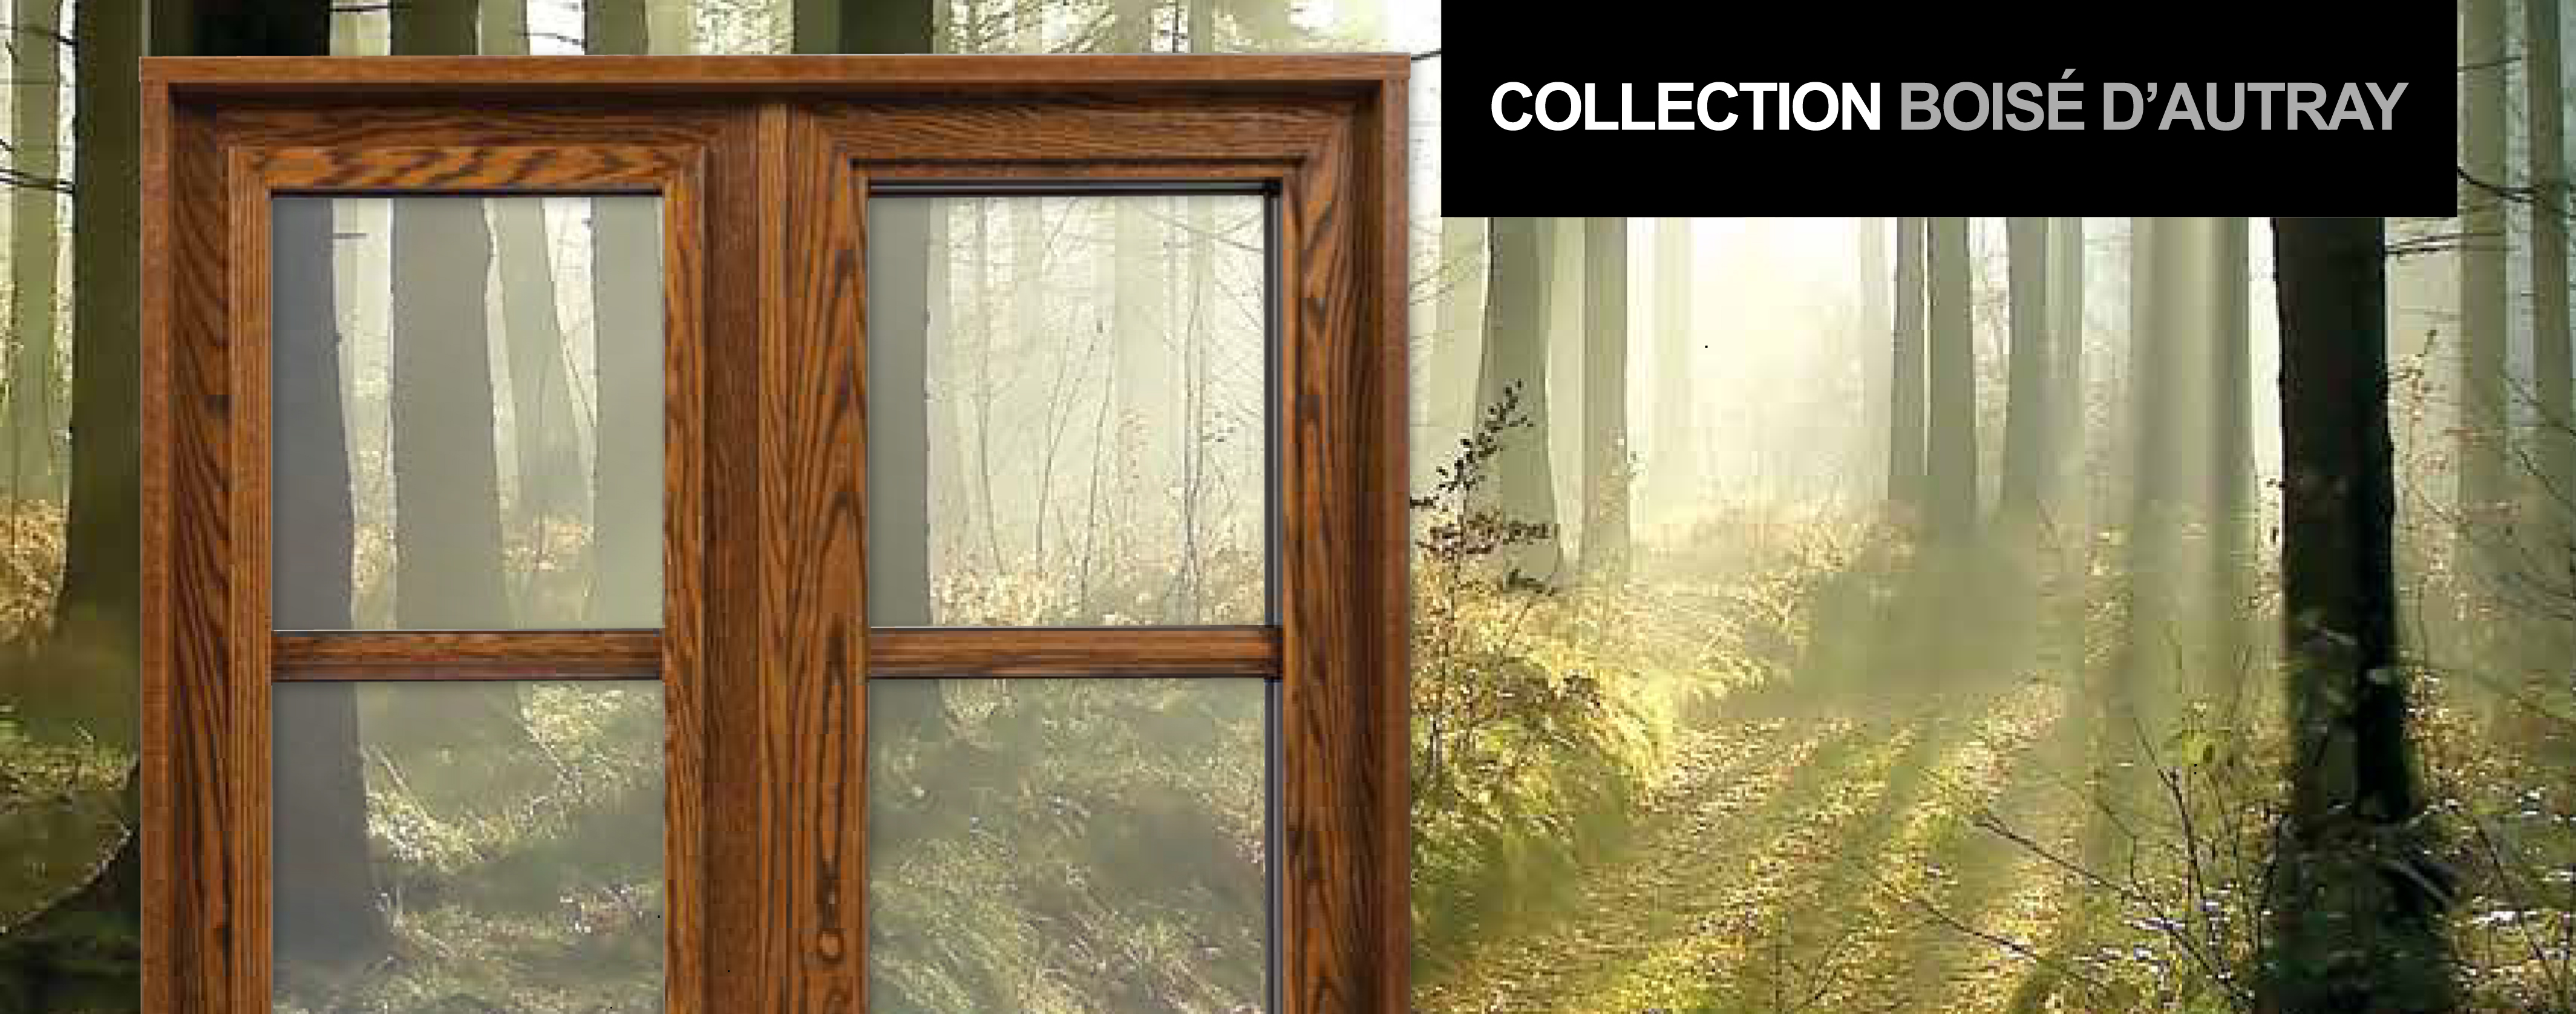 Fen tres de bois portatec fabricant de porte d 39 entr e for Fabricant de fenetre bois